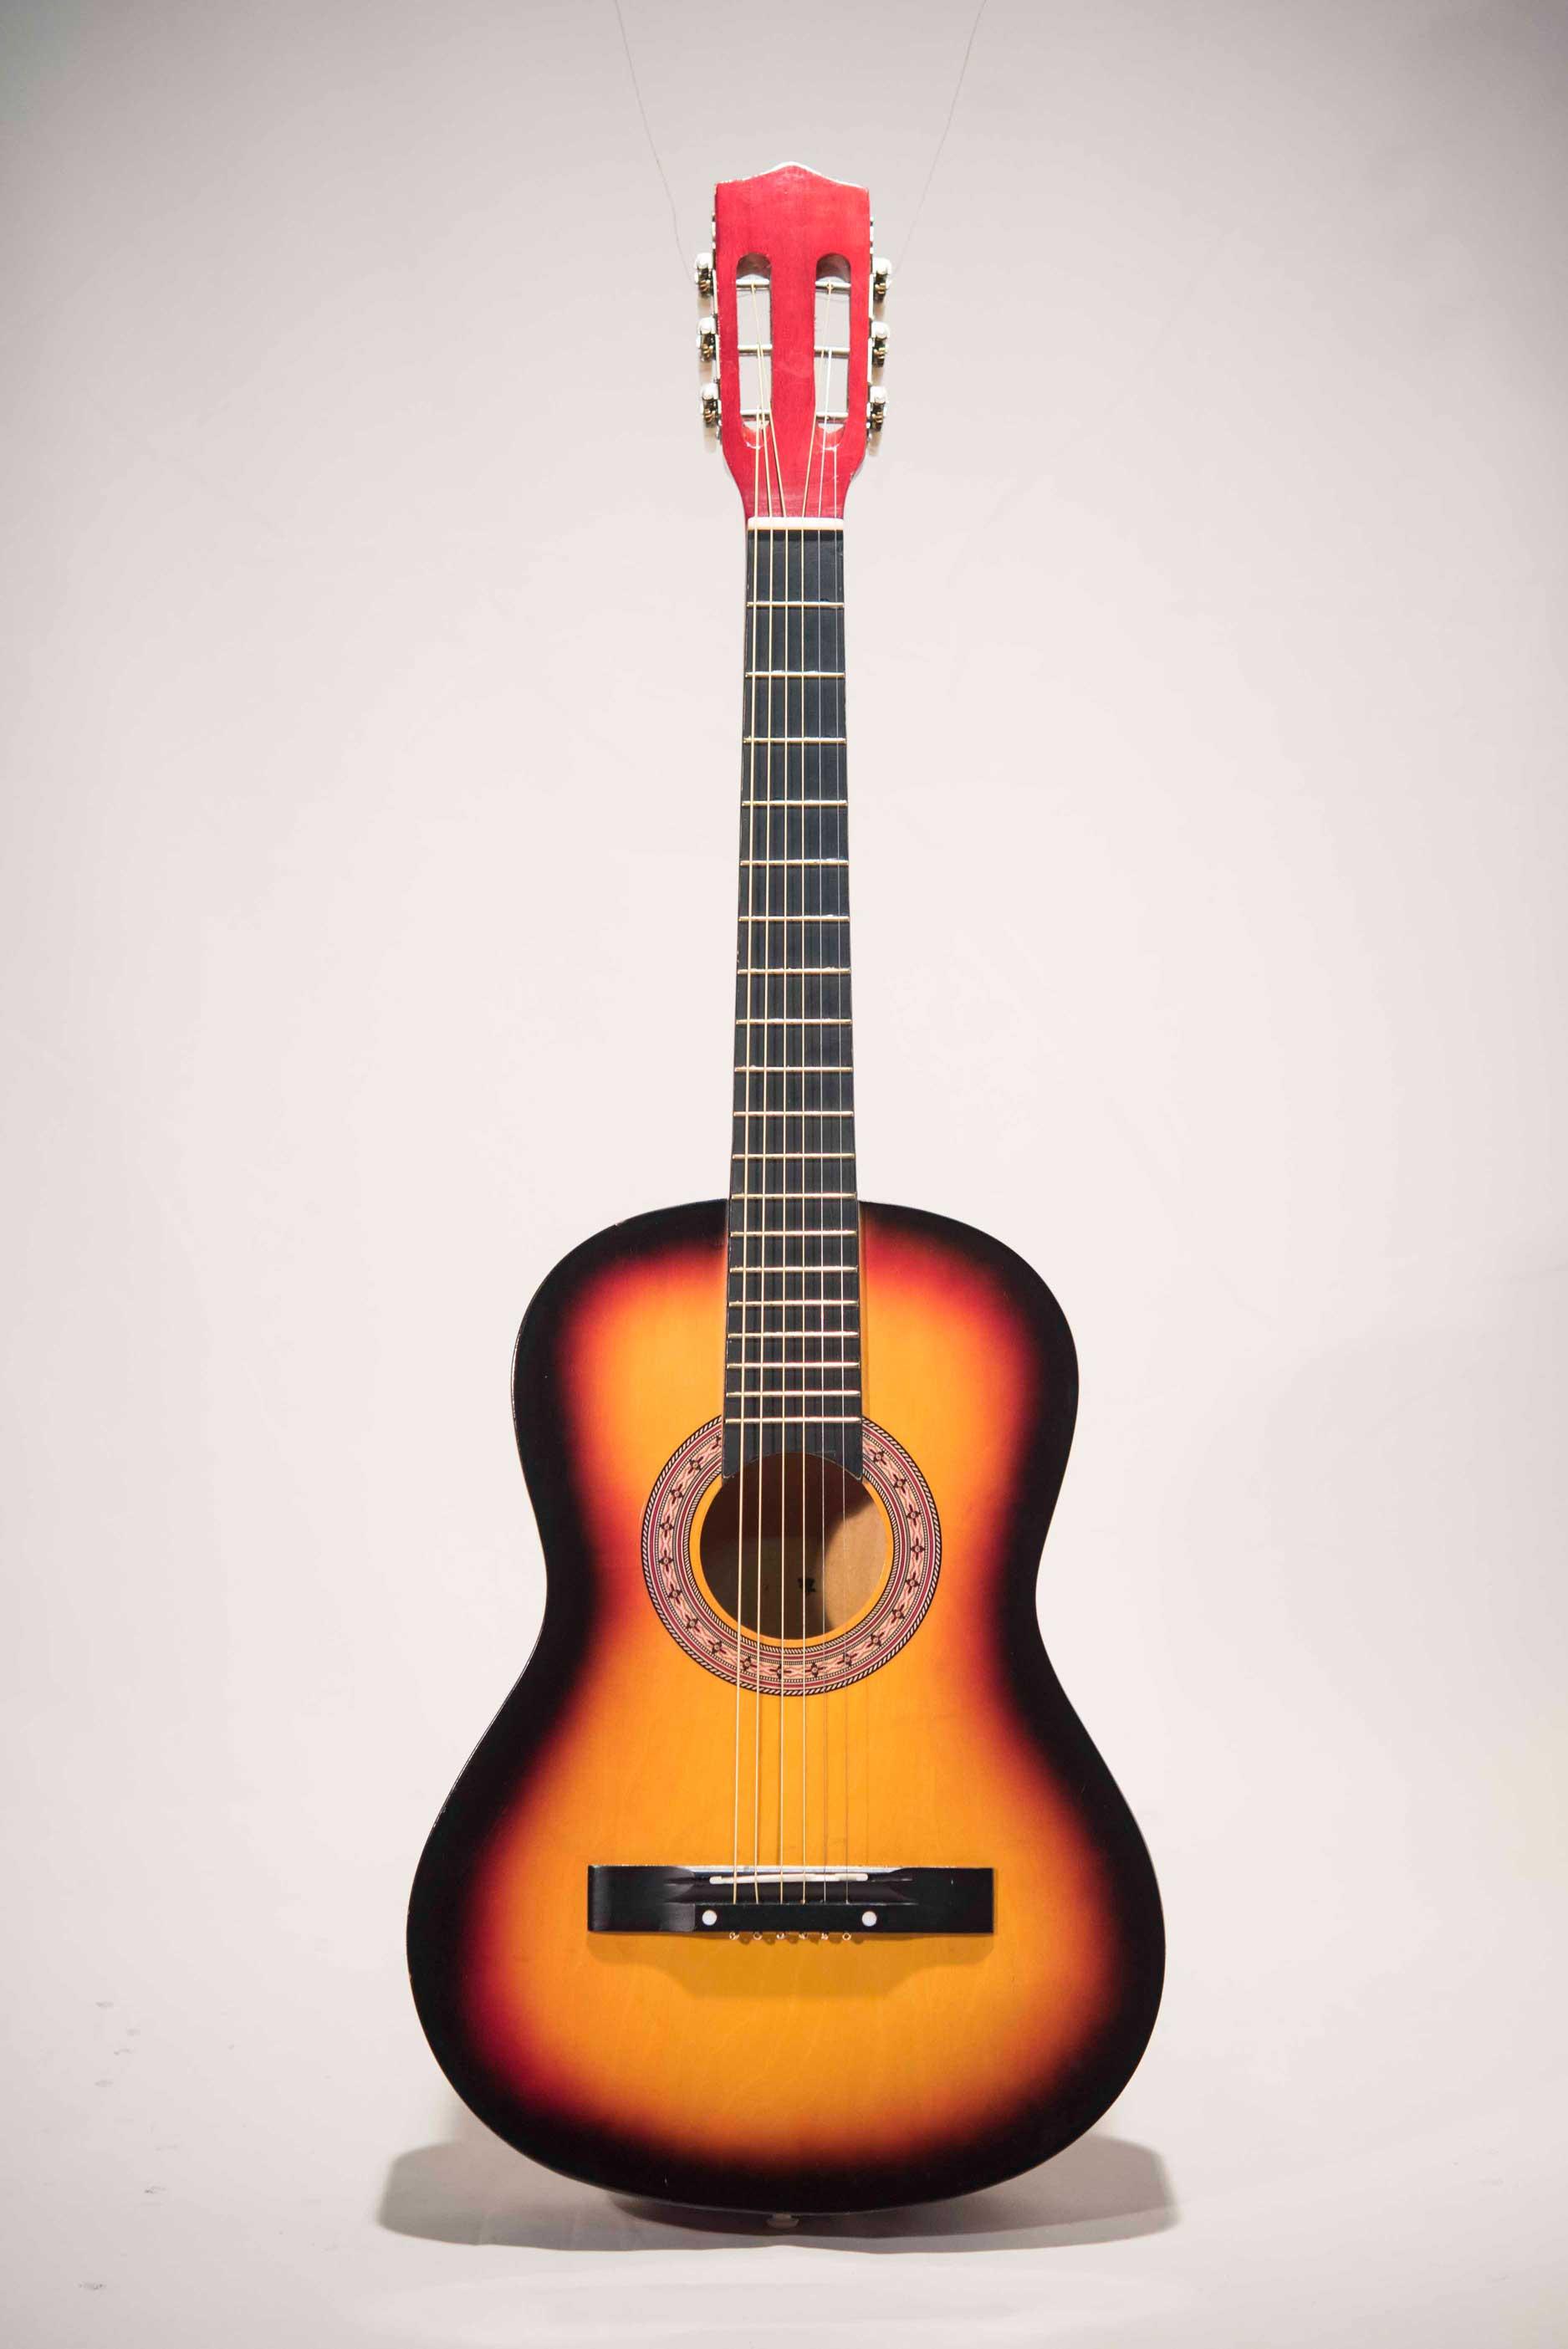 อคูสติกกีต้าร์มือสอง Acoustic Guitar Sunburst